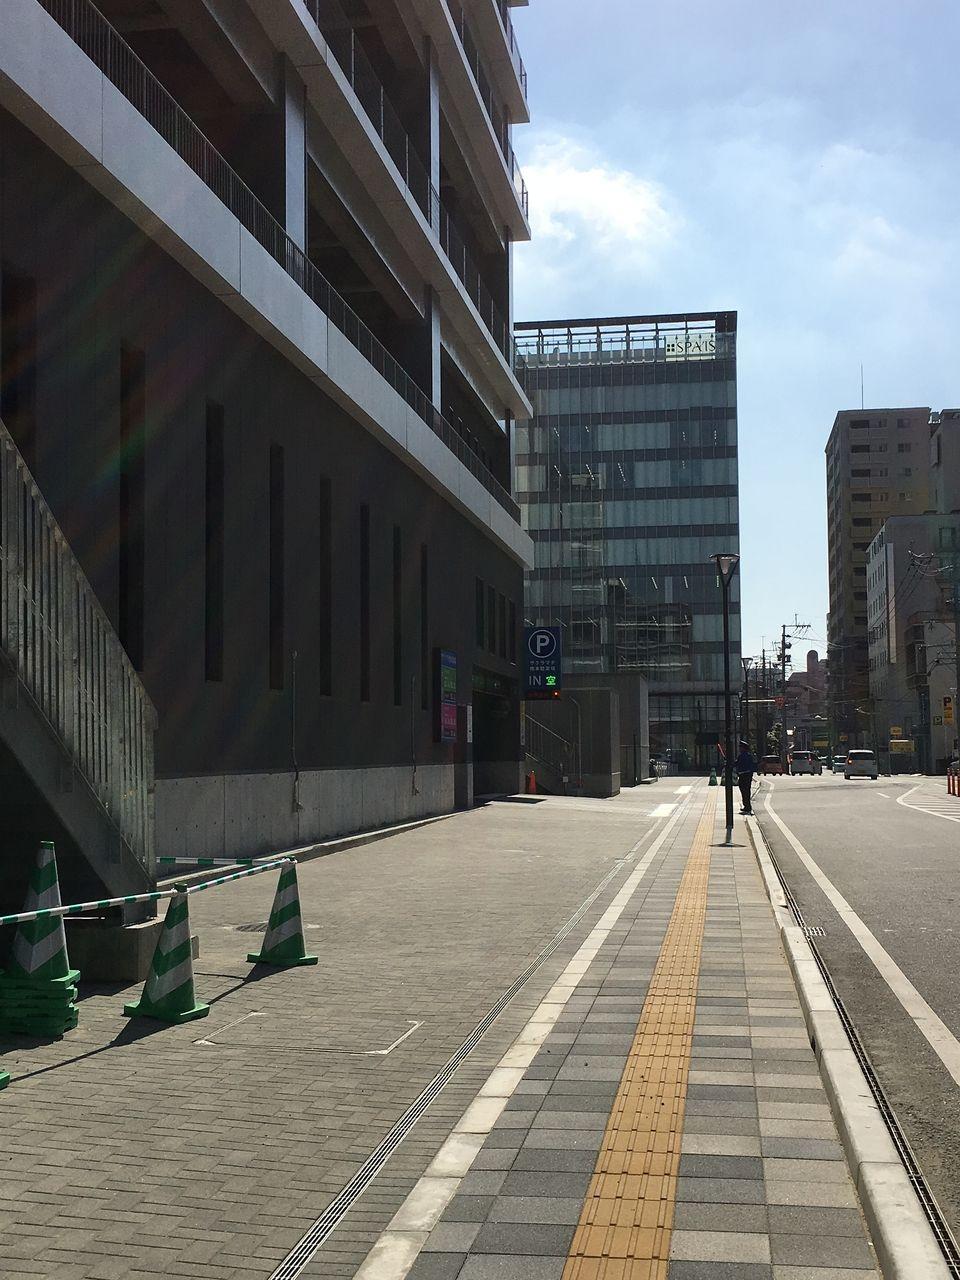 サクラマチ クマモト駐車場入口の前面道路